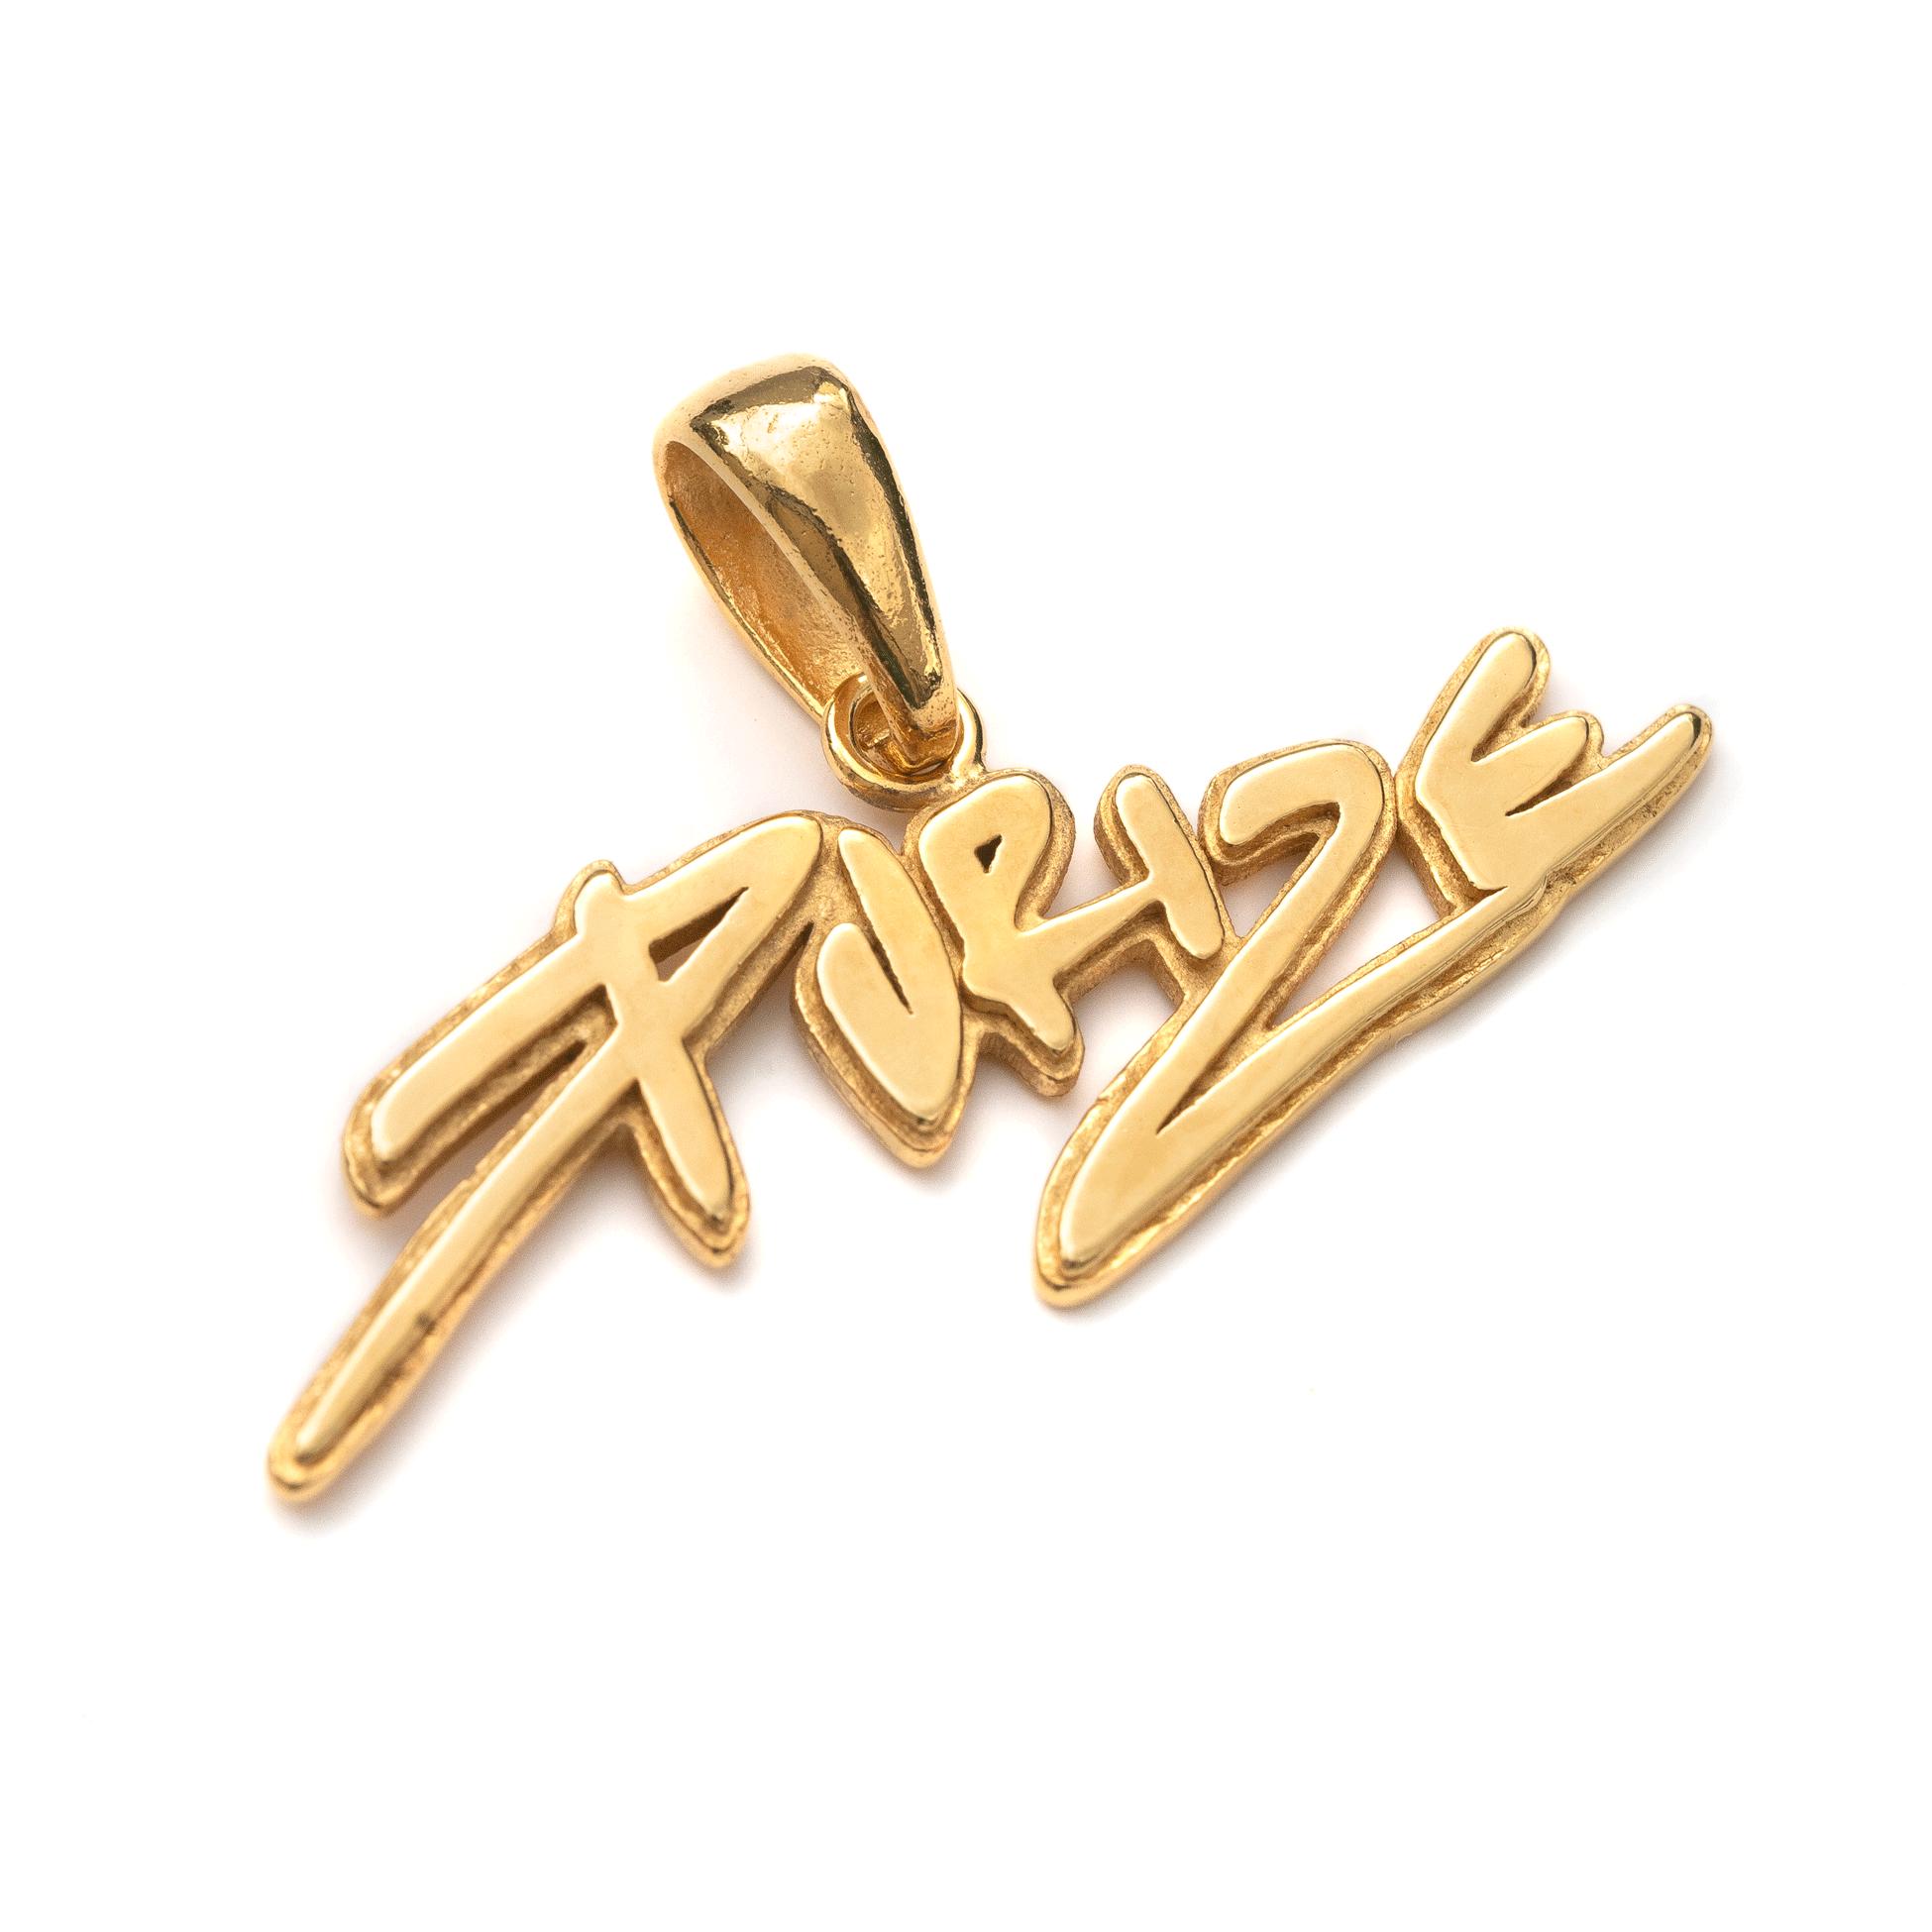 PURIZE® Kettenanhänger aus 925 Silber mit 24k Vergoldung (limited)